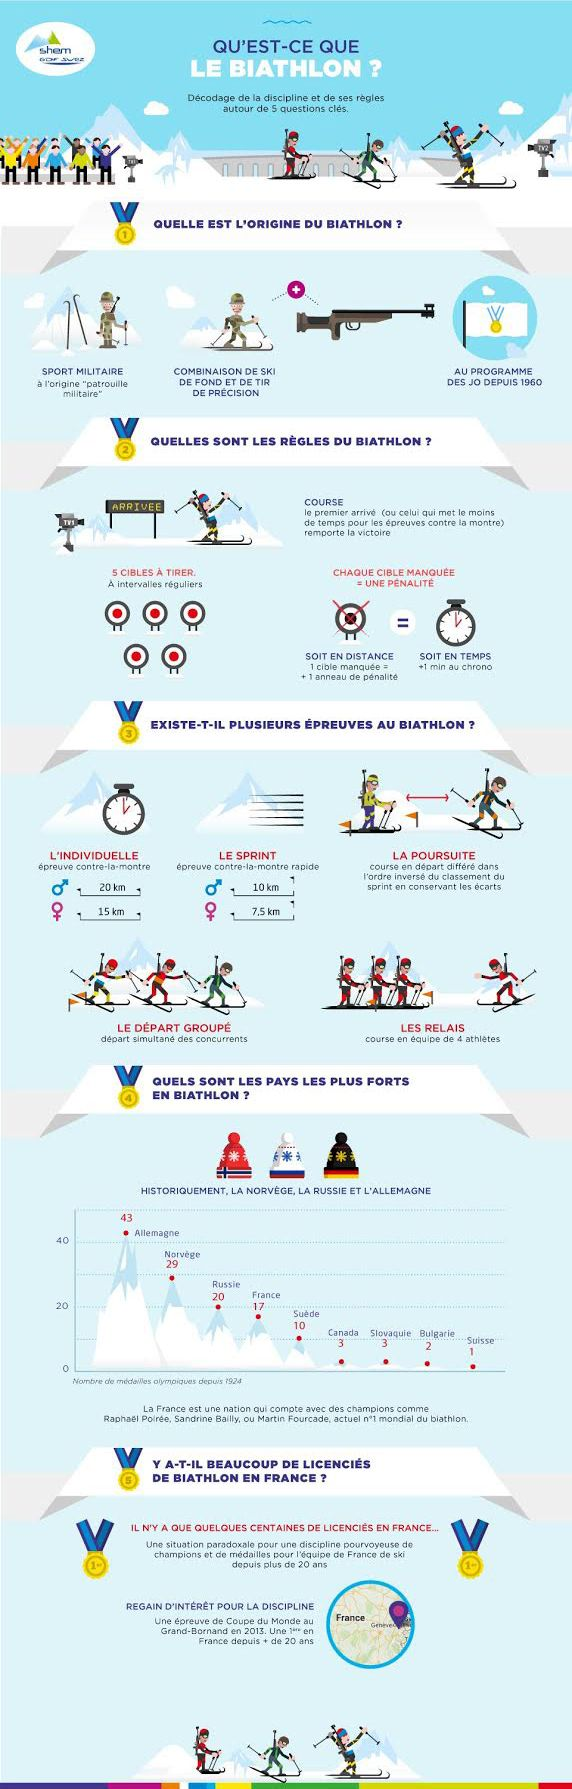 Infographie signée Angie pour GDF Suez sur le biathlon